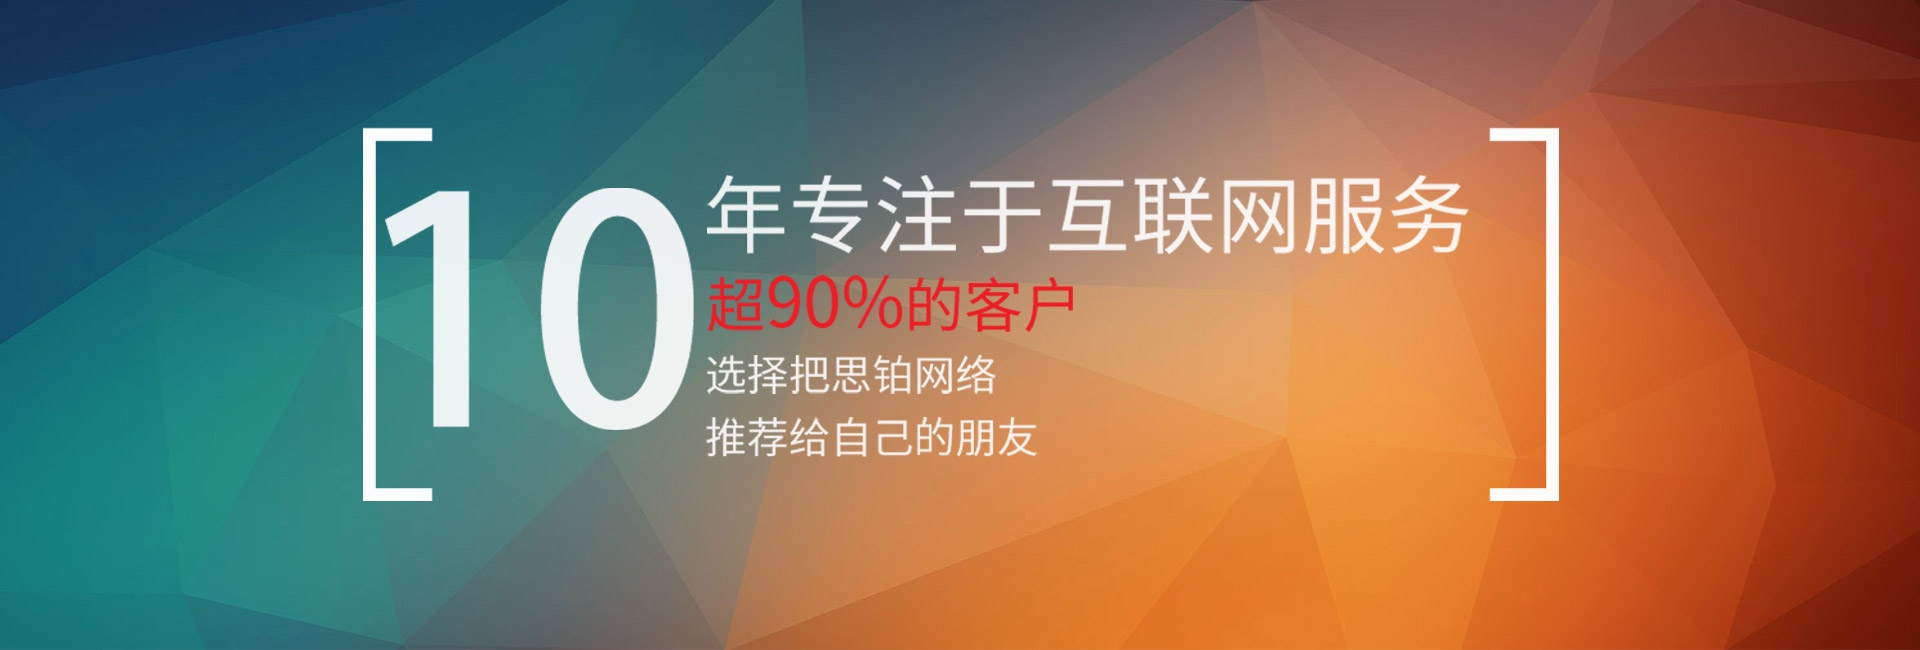 中山思铂网站移动端banner